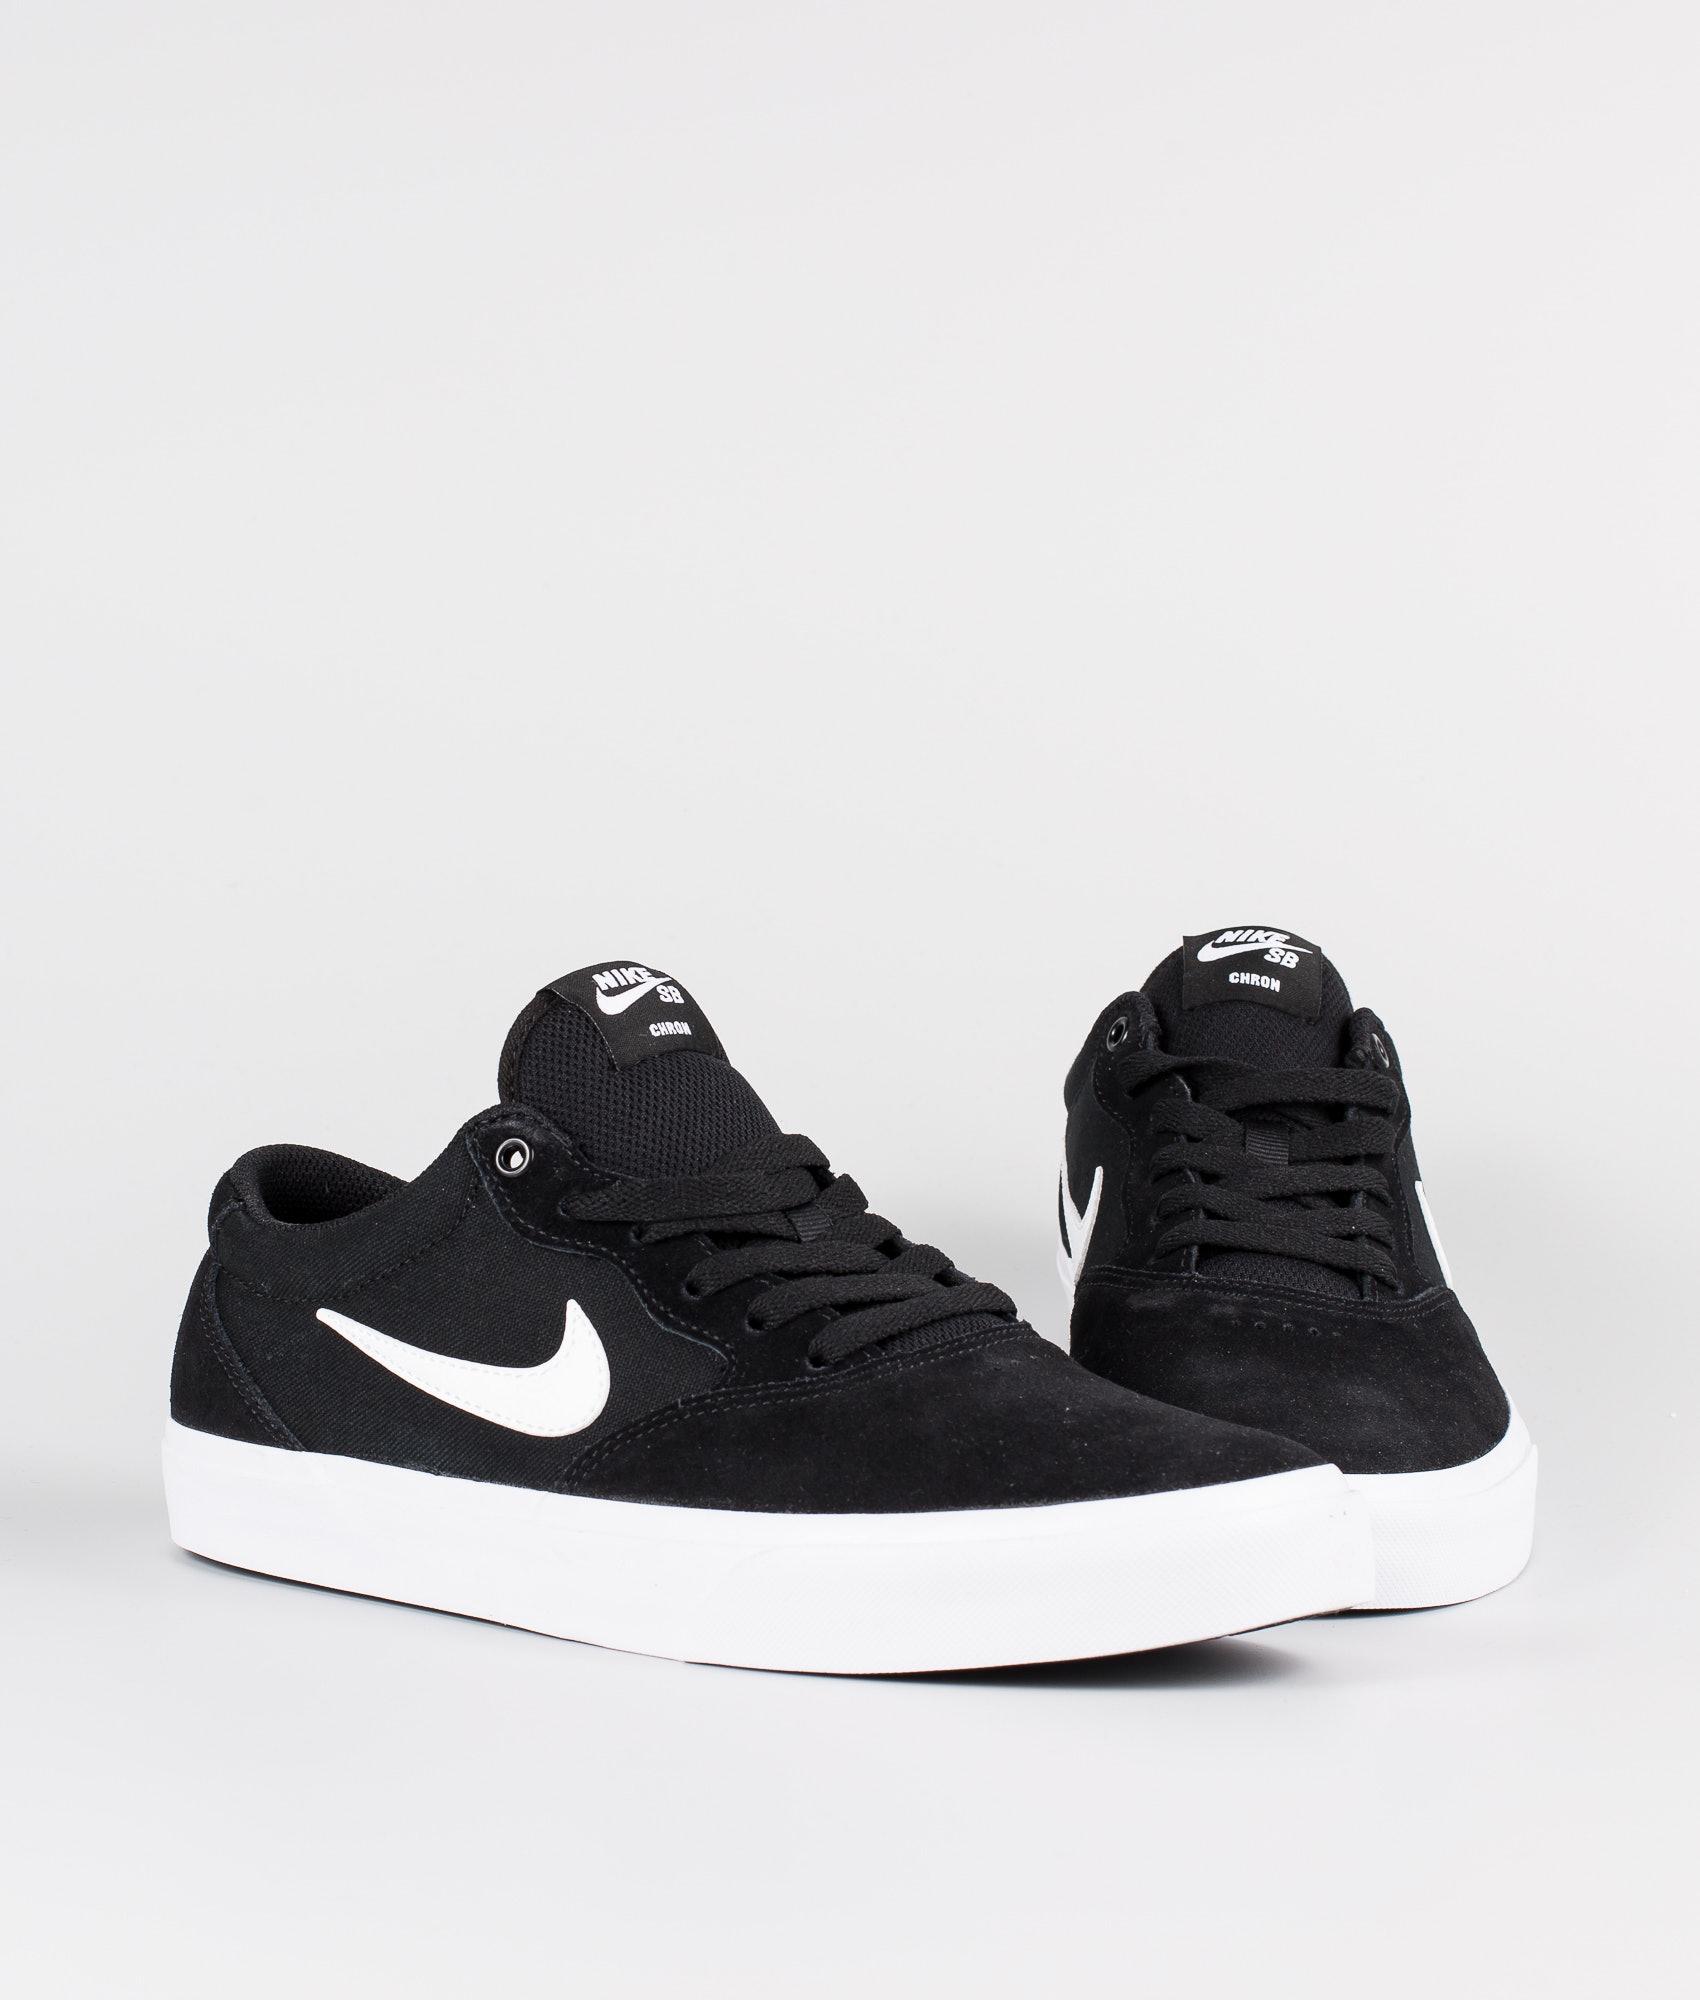 sports shoes 7440c 4db3d Nike SB Chron SLR Shoes